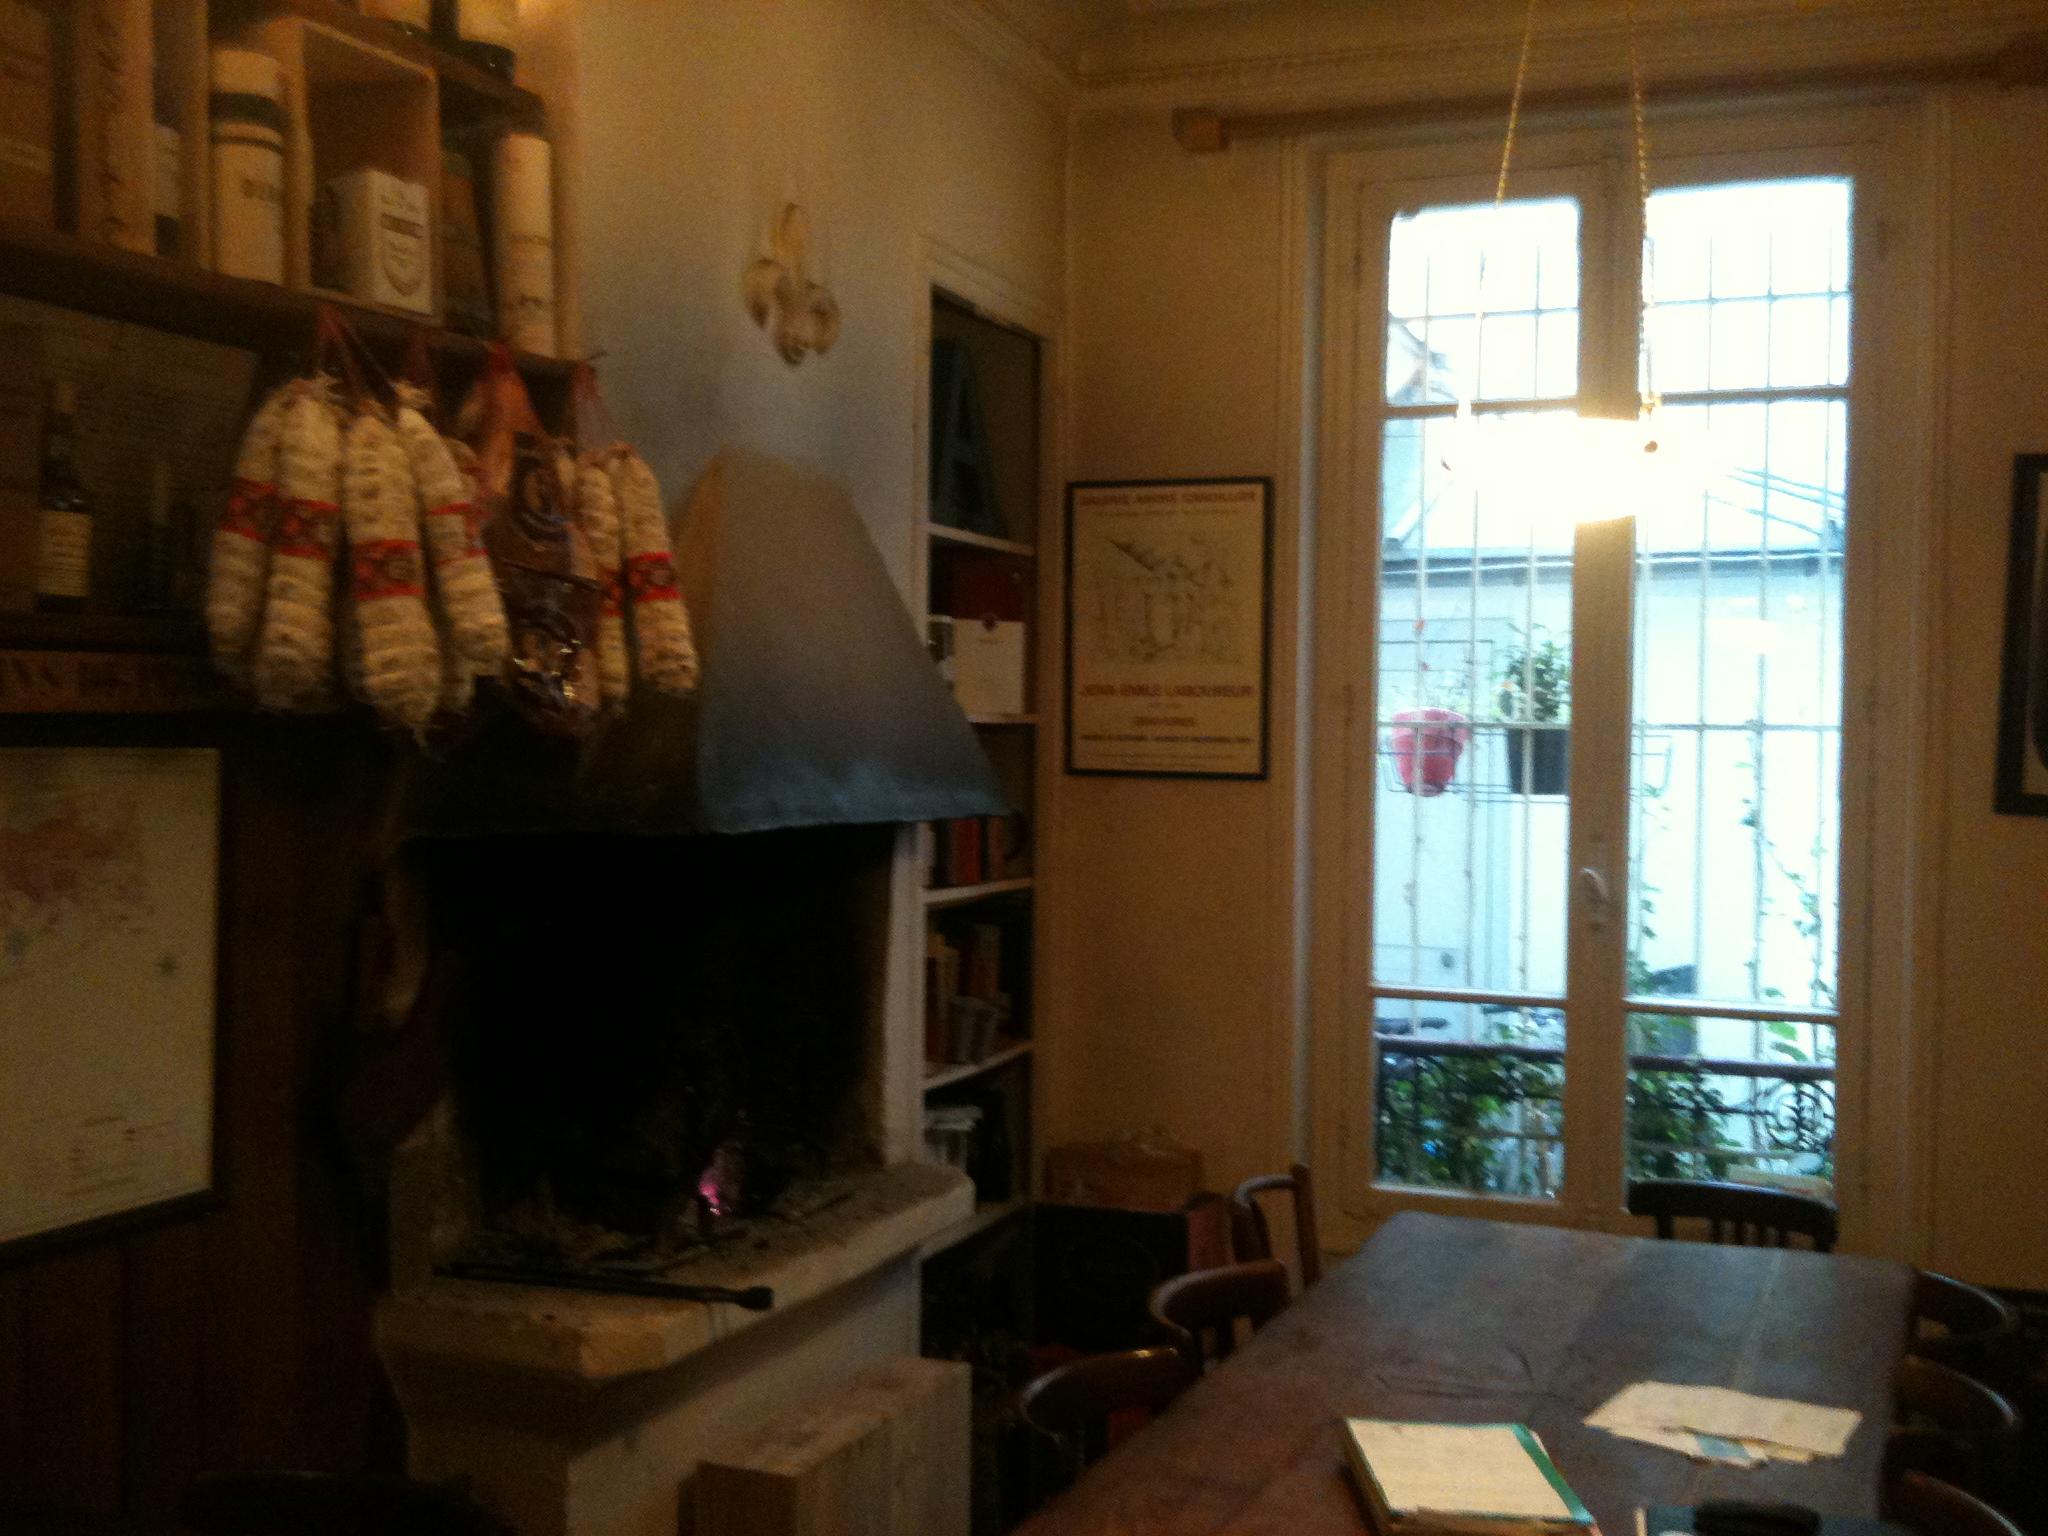 33 rue brunel le rouge et le verre for Fenetre sur rue hugo